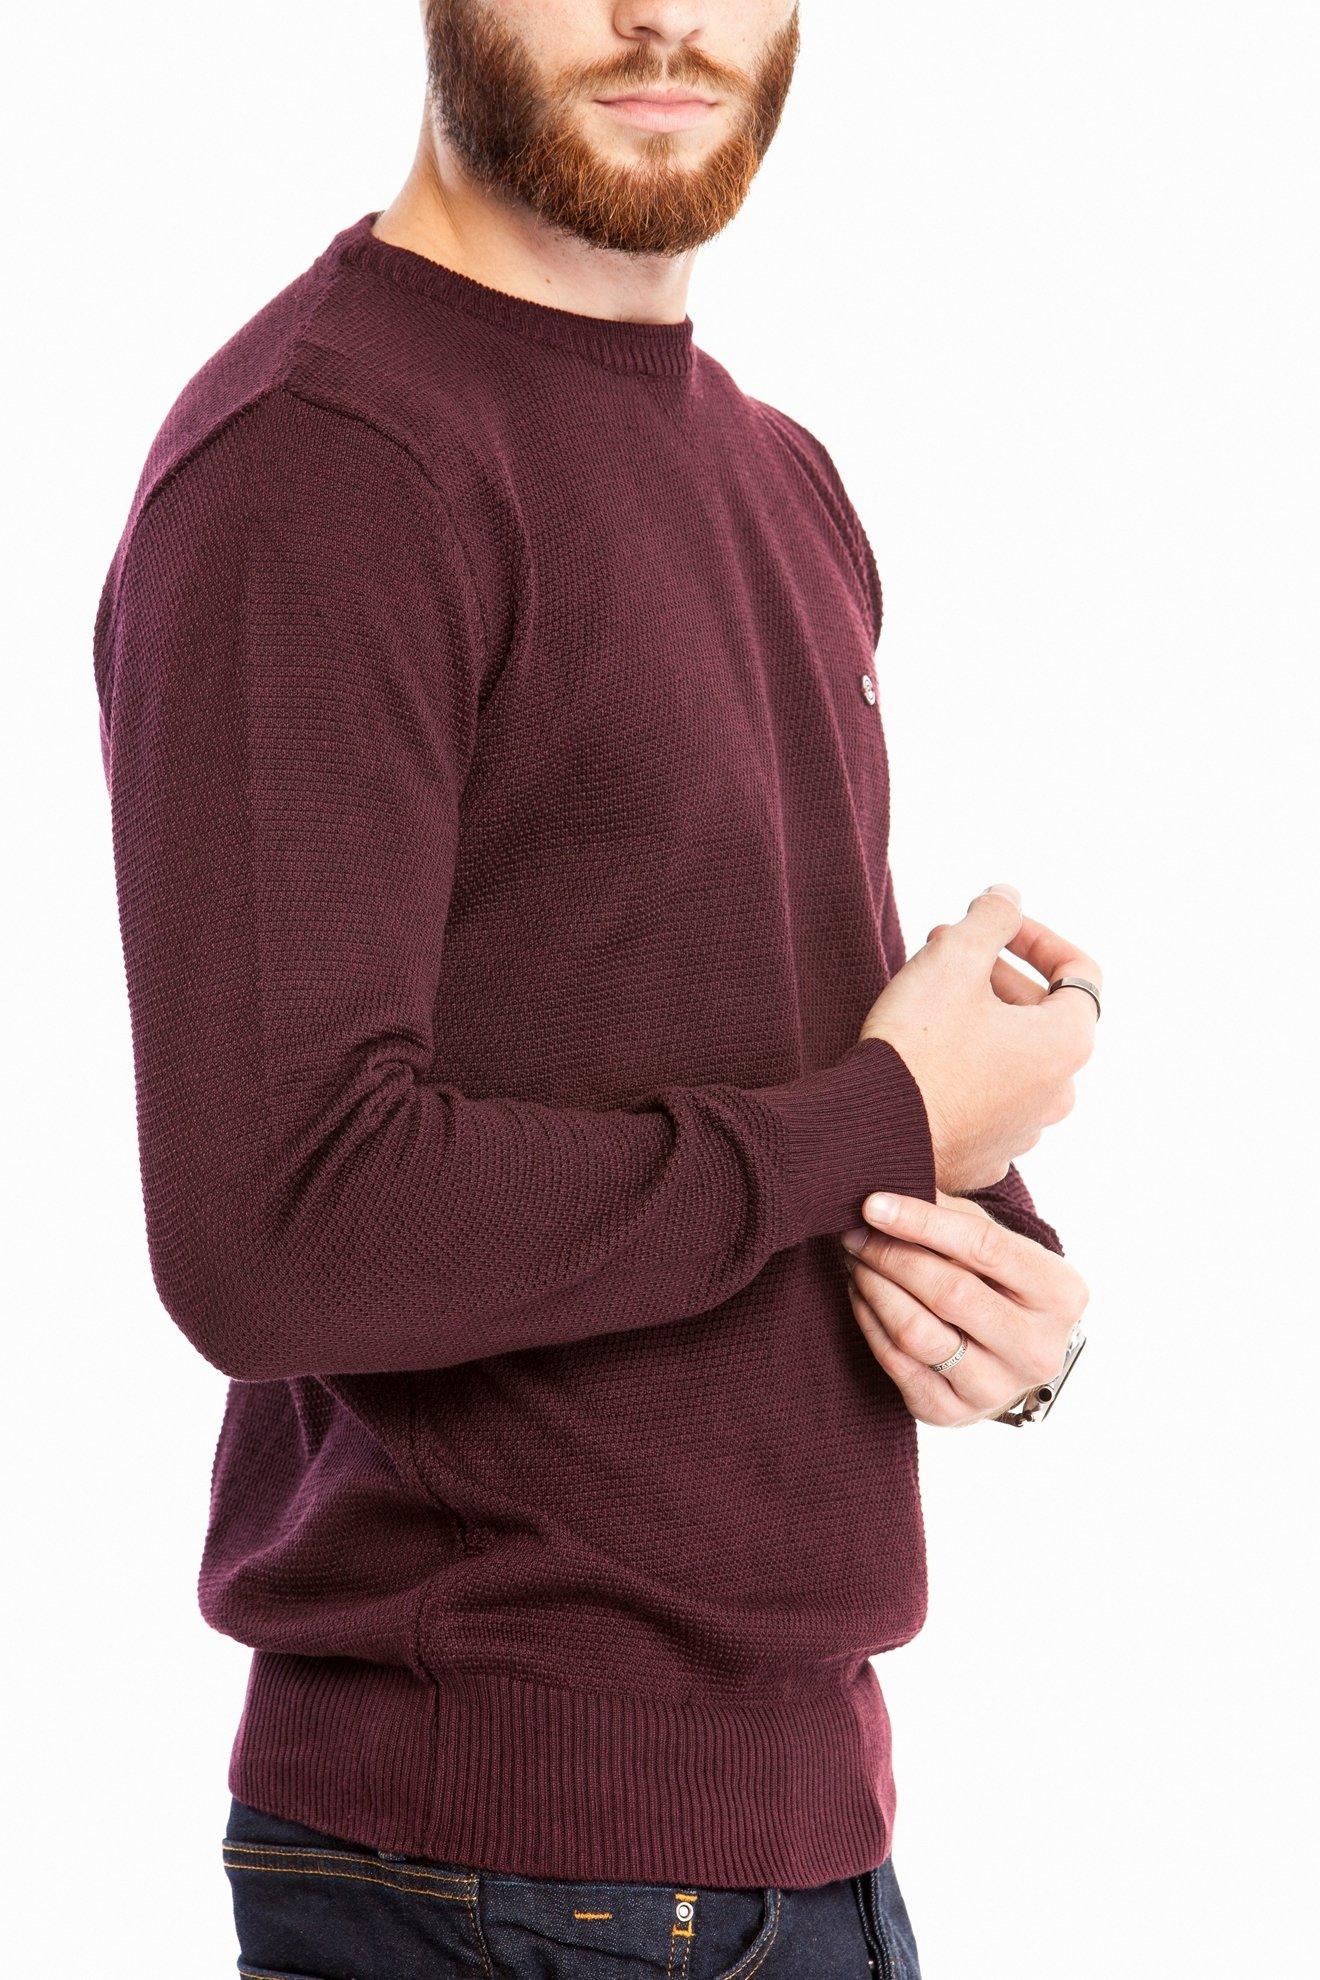 Мужской однотонный бордовый свитер (Арт. POS 2671)